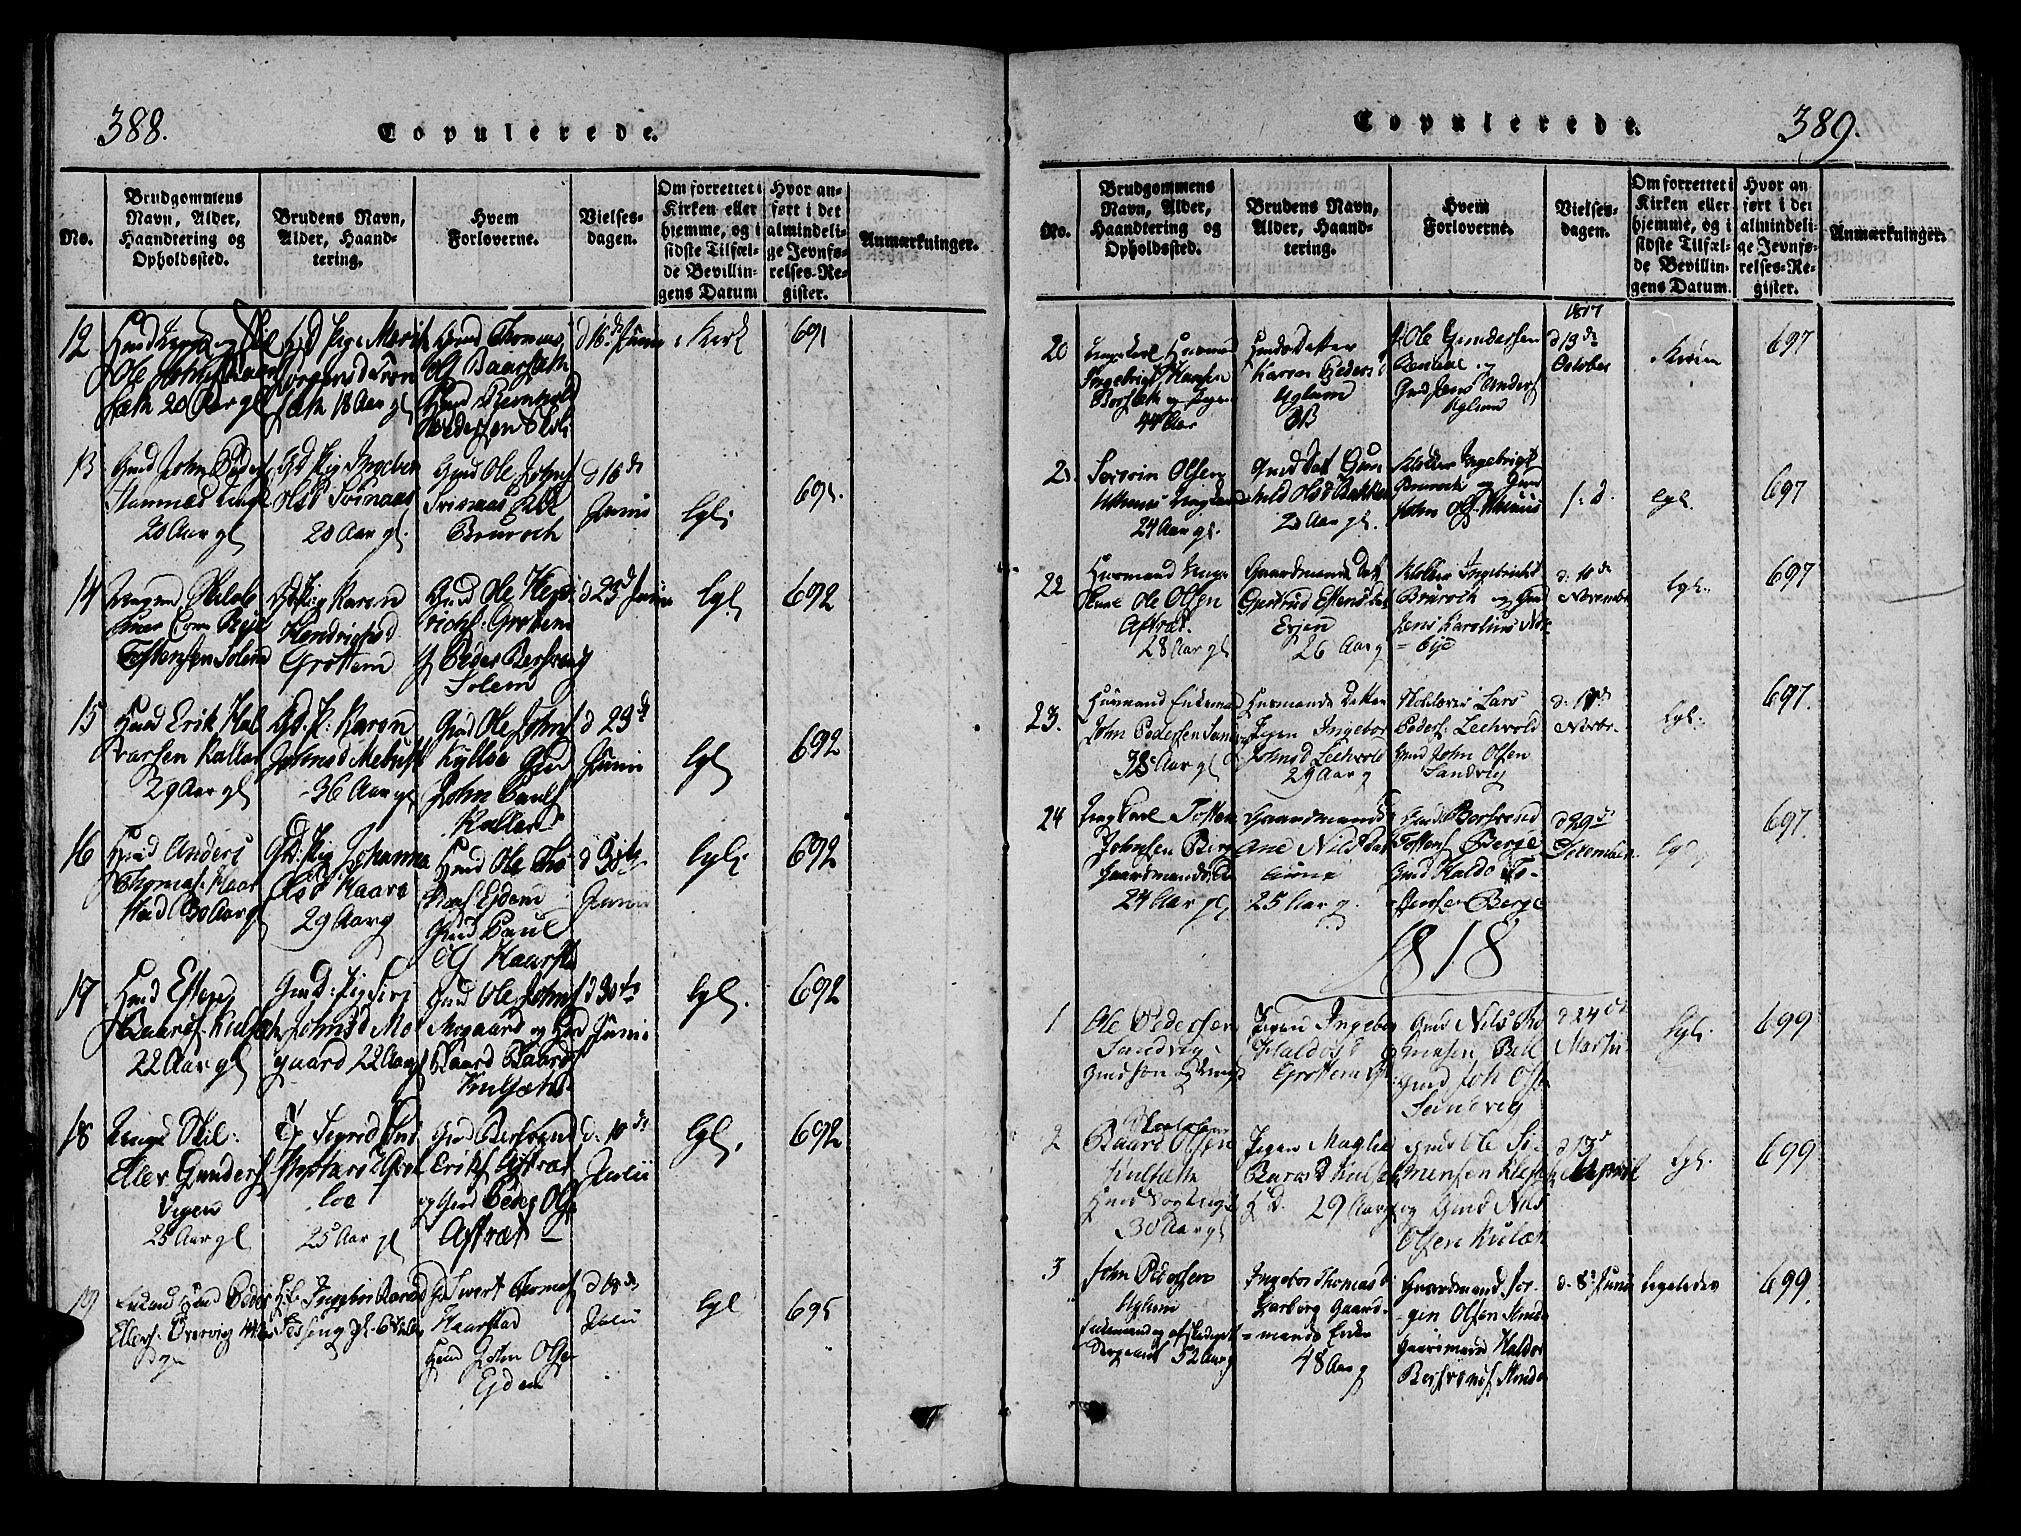 SAT, Ministerialprotokoller, klokkerbøker og fødselsregistre - Sør-Trøndelag, 695/L1141: Ministerialbok nr. 695A04 /1, 1816-1824, s. 388-389